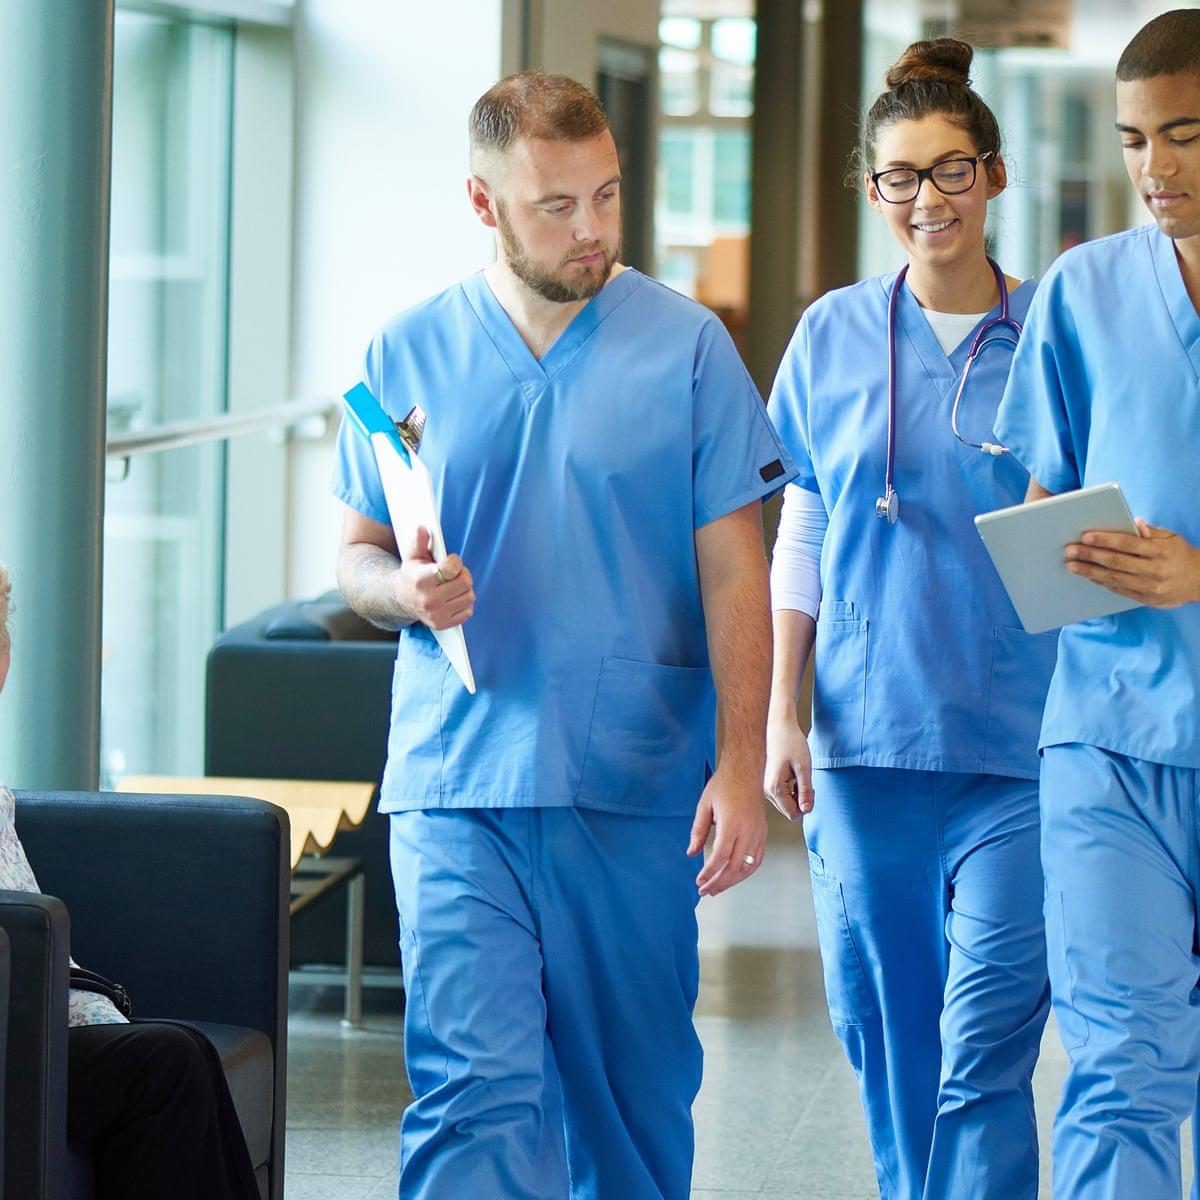 Hình ảnh ba bác sĩ trong trang phục áo xanh đang bàn công việc